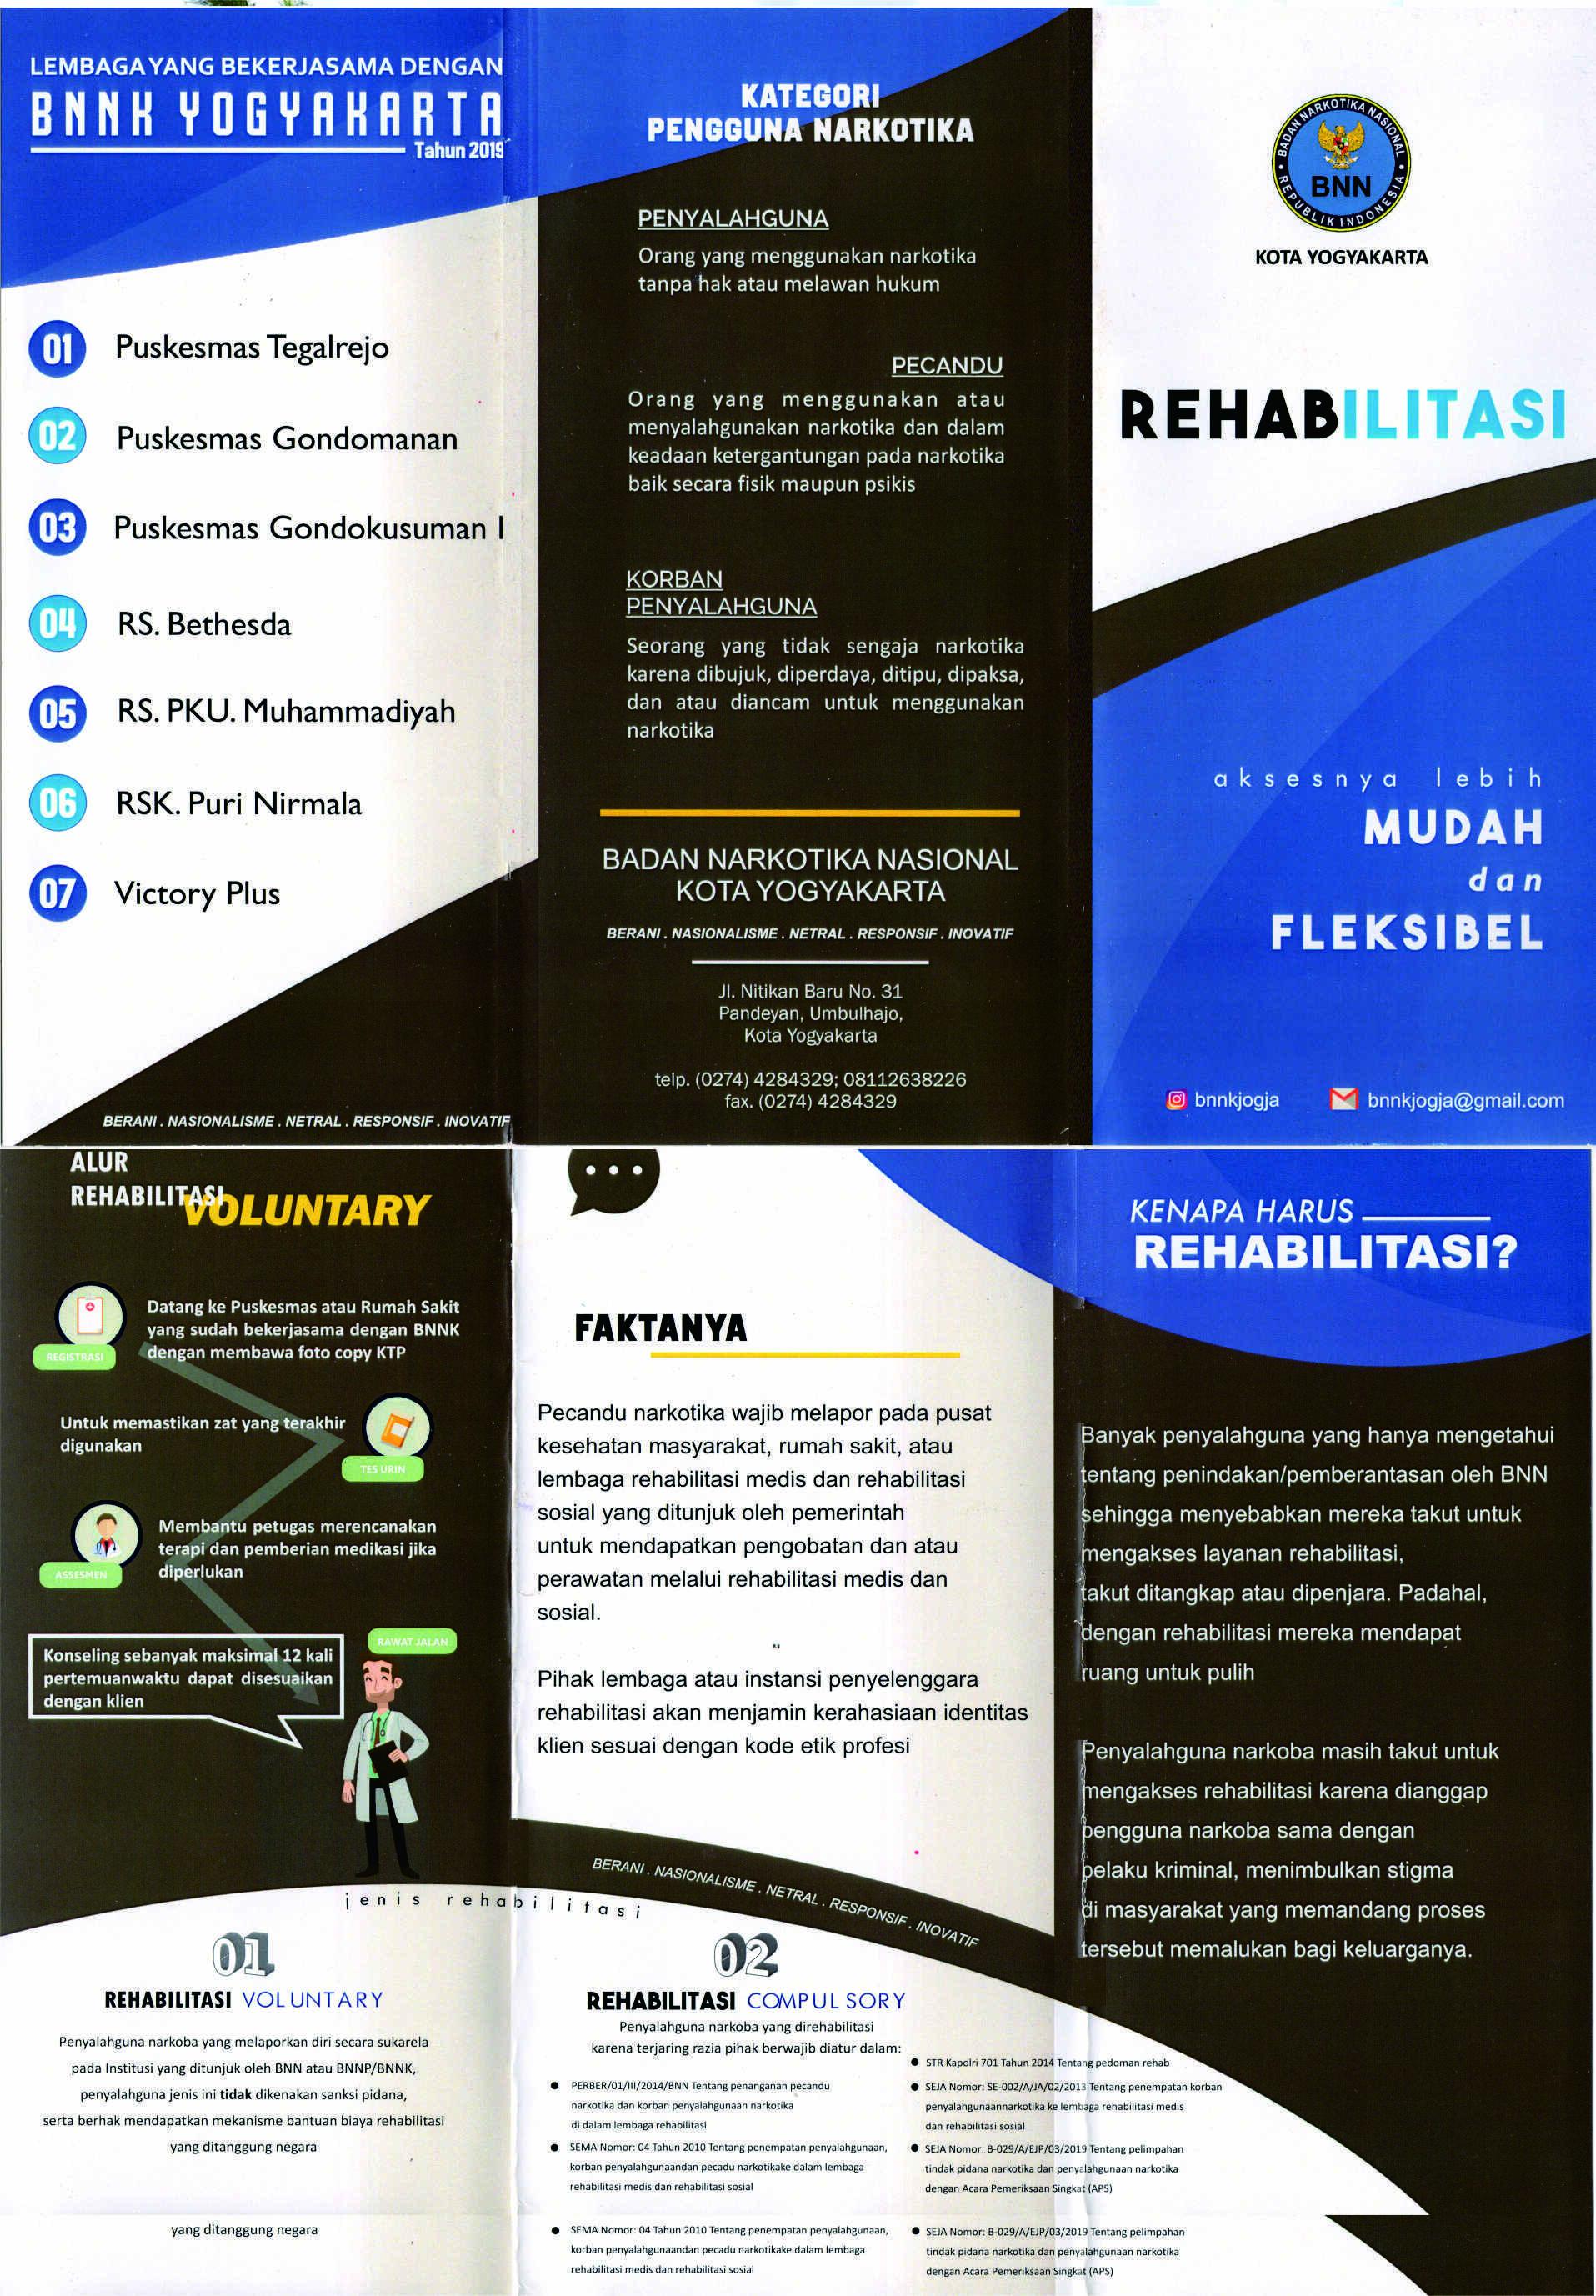 Program Rehabilitasi BNN Kota Yogyakarta